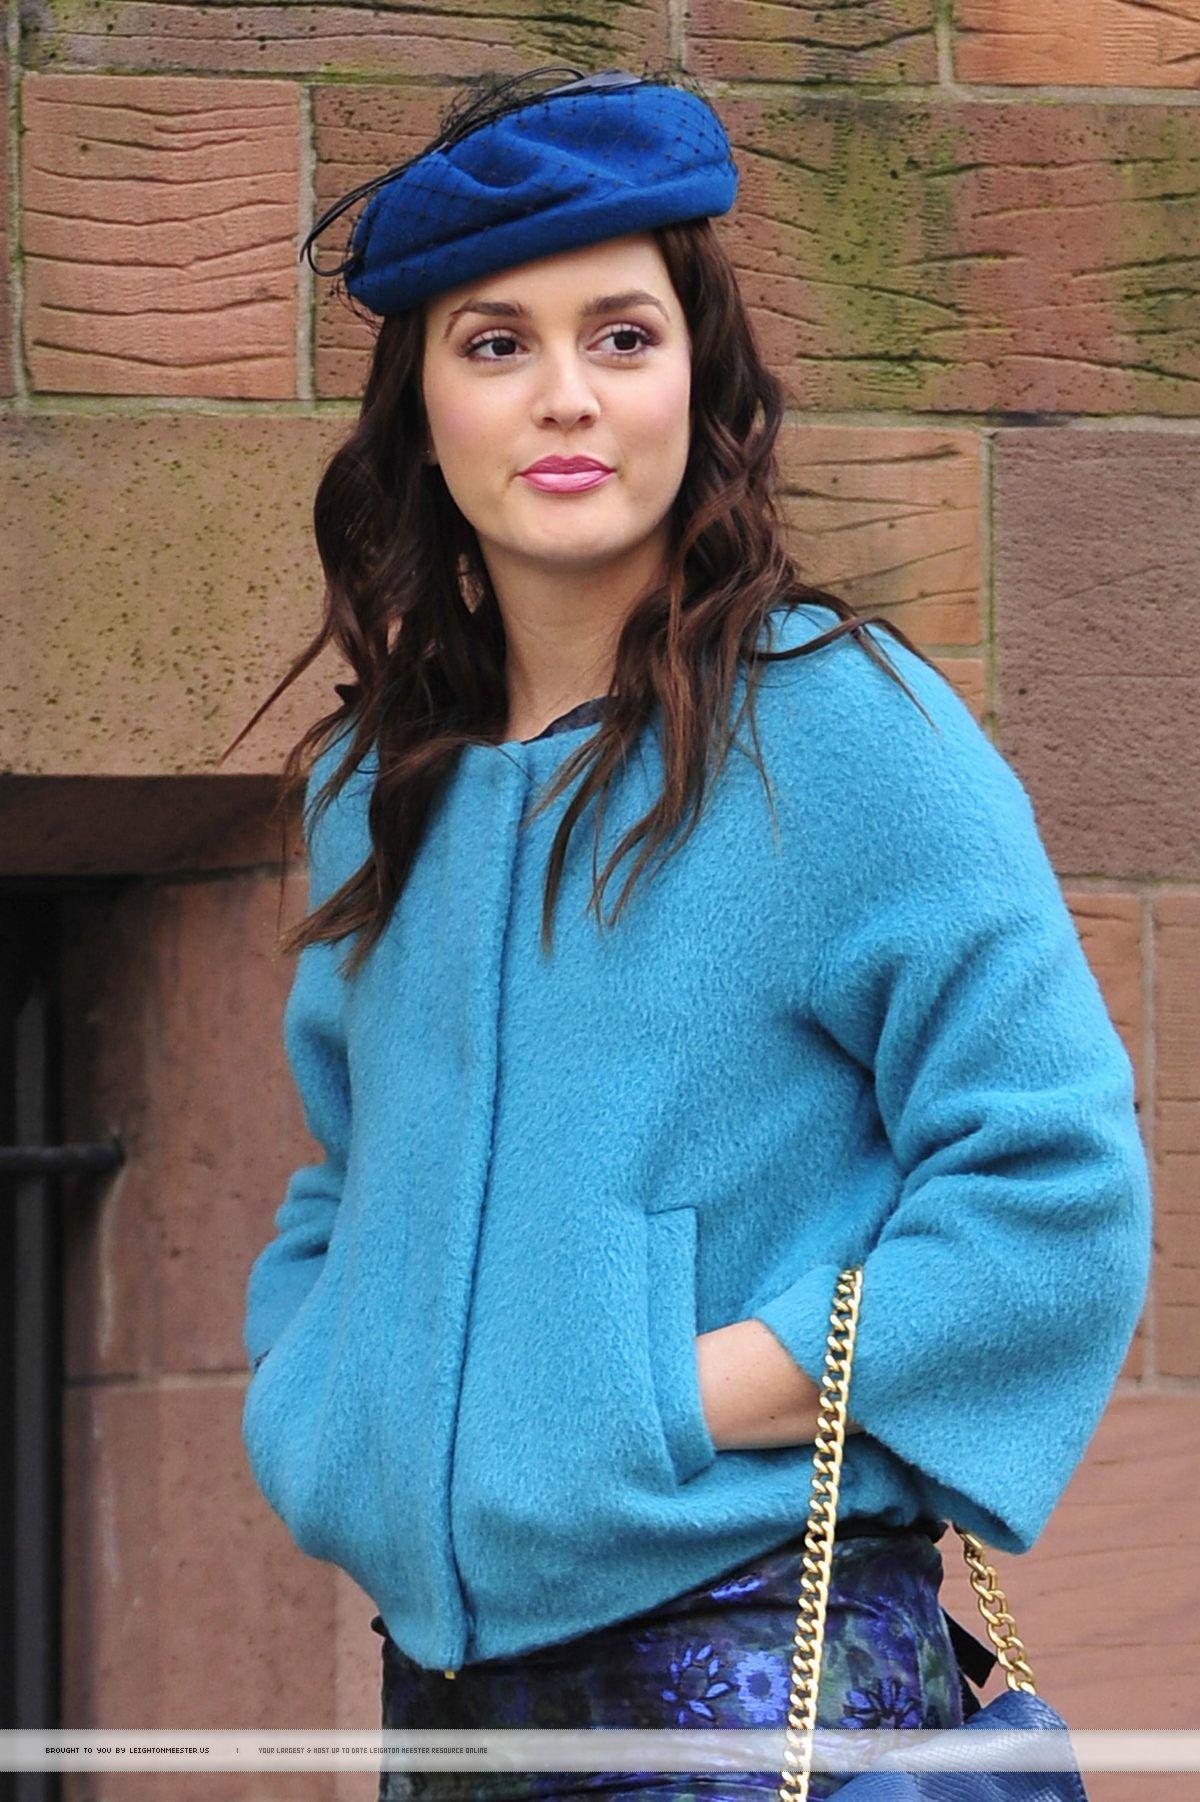 Blair waldorf queen gg leighton diva gossip girl gossipgirl